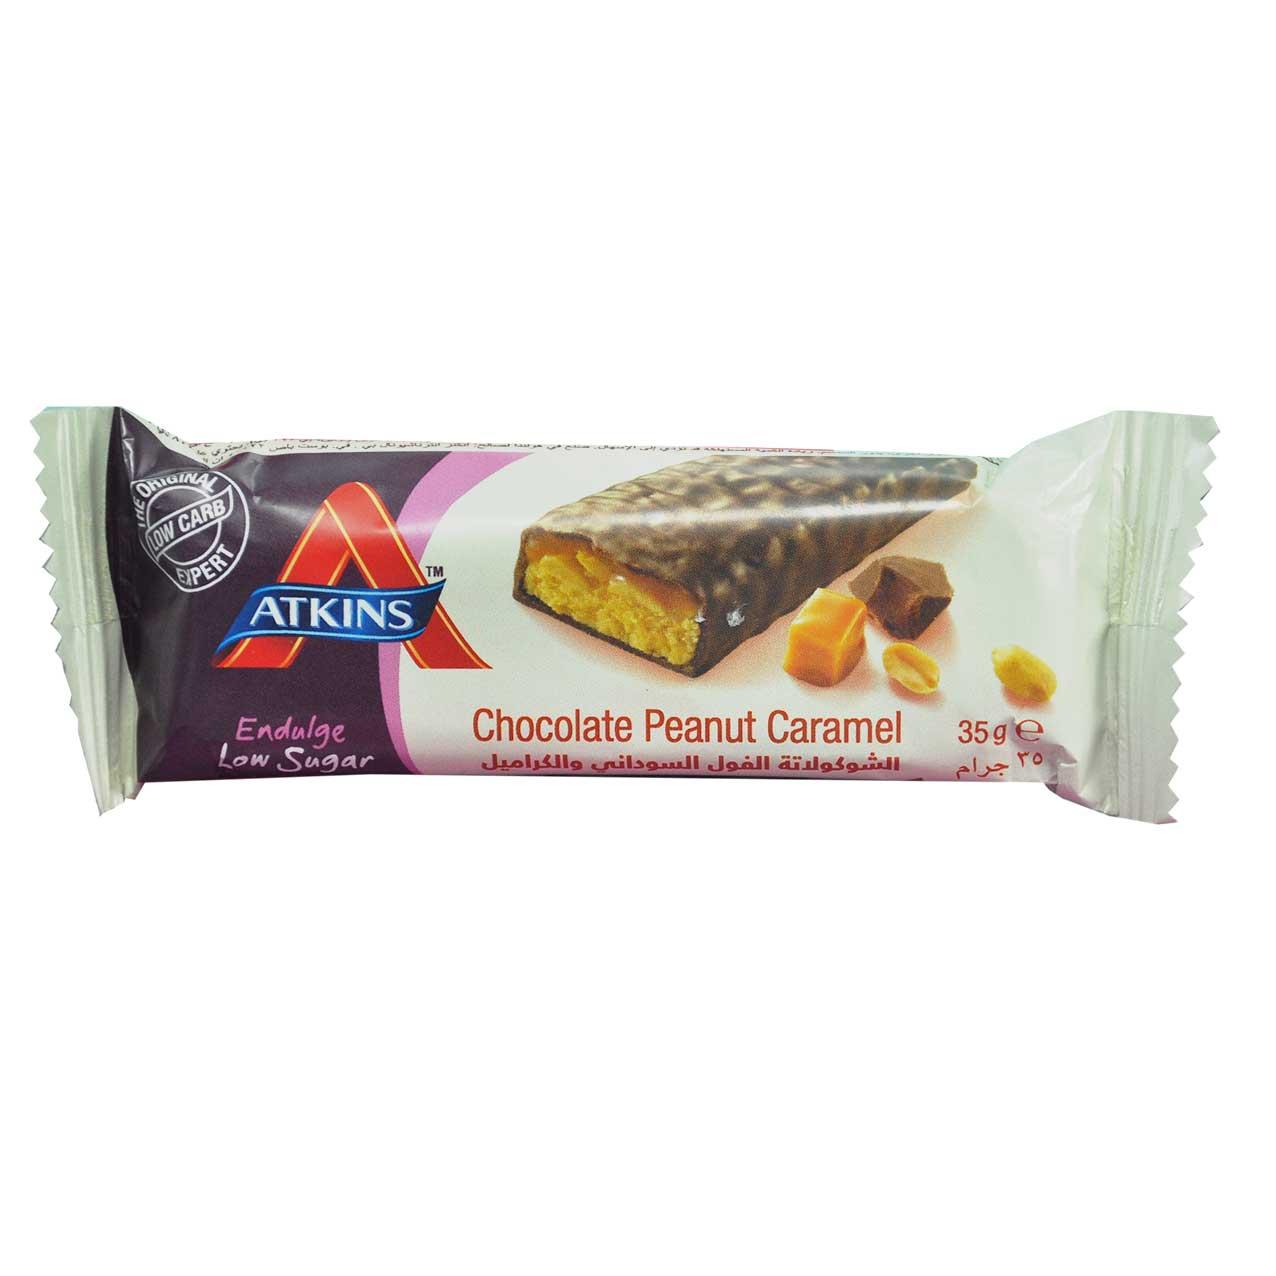 شکلات بار پینات کارامل ۳۵ گرم اتکینز – atkins